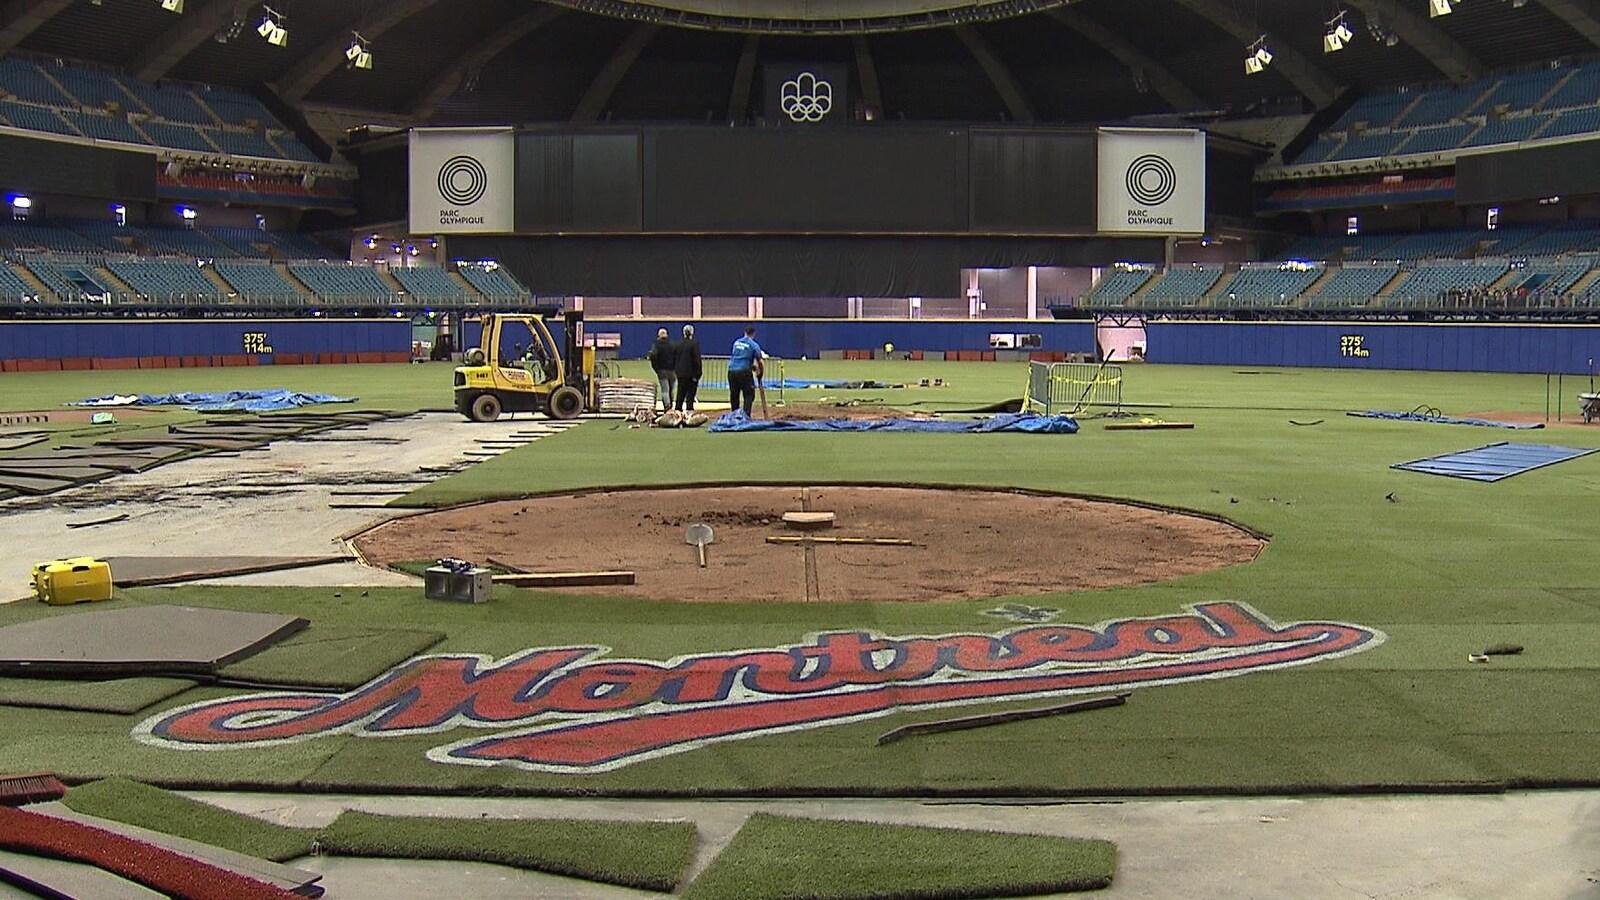 Les employés du stade olympique s'affairaient déjà, la semaine dernière, à la préparation du terrain pour le baseball.